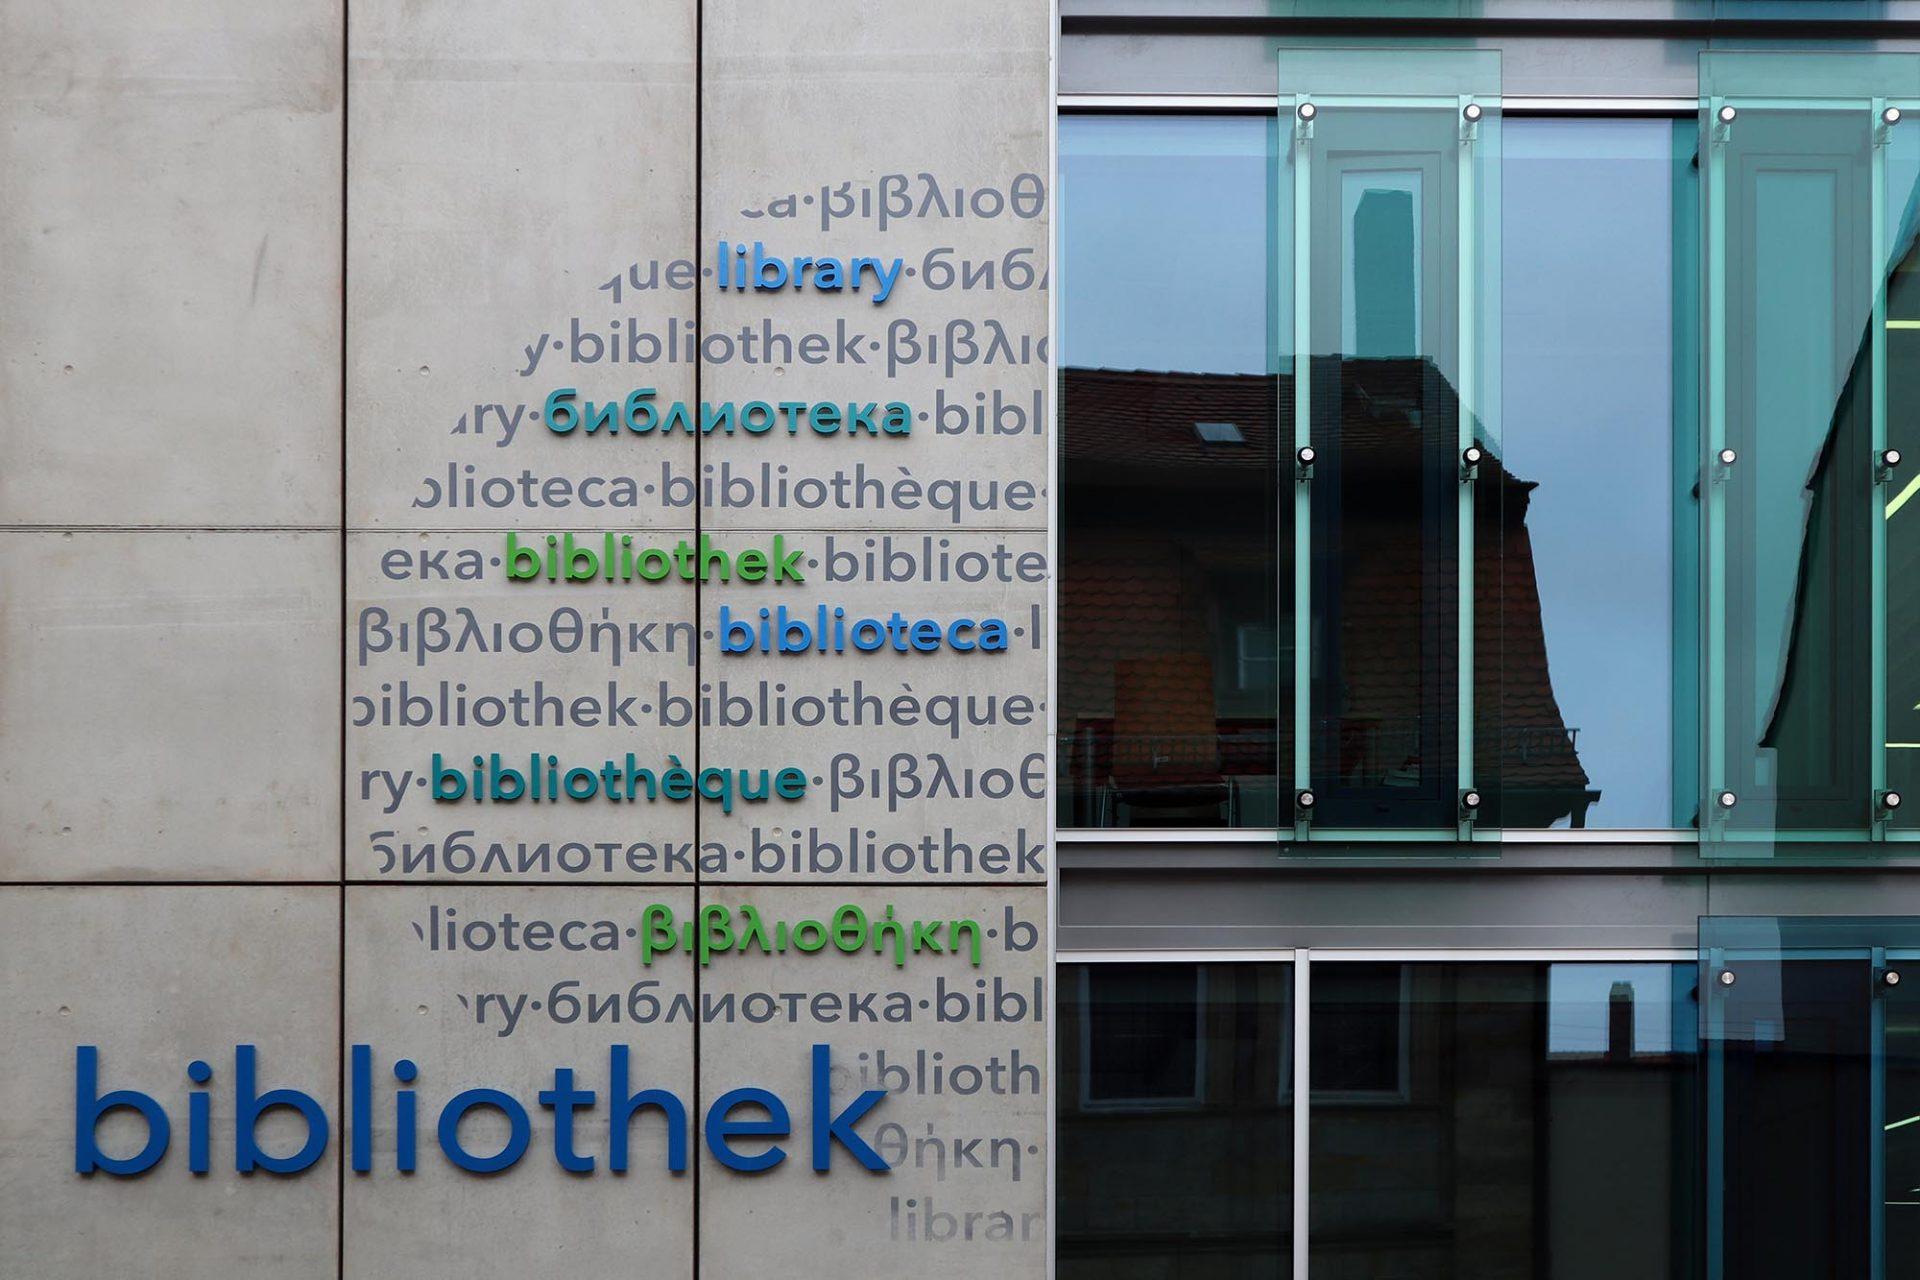 Teilbibliothek 4 Burgershof. Teilbibliothek 4 Burgershof Planer: Meyer und Partner, Bayreuth, Fertigstellung: 2004. Erweiterungsbau: 2017.